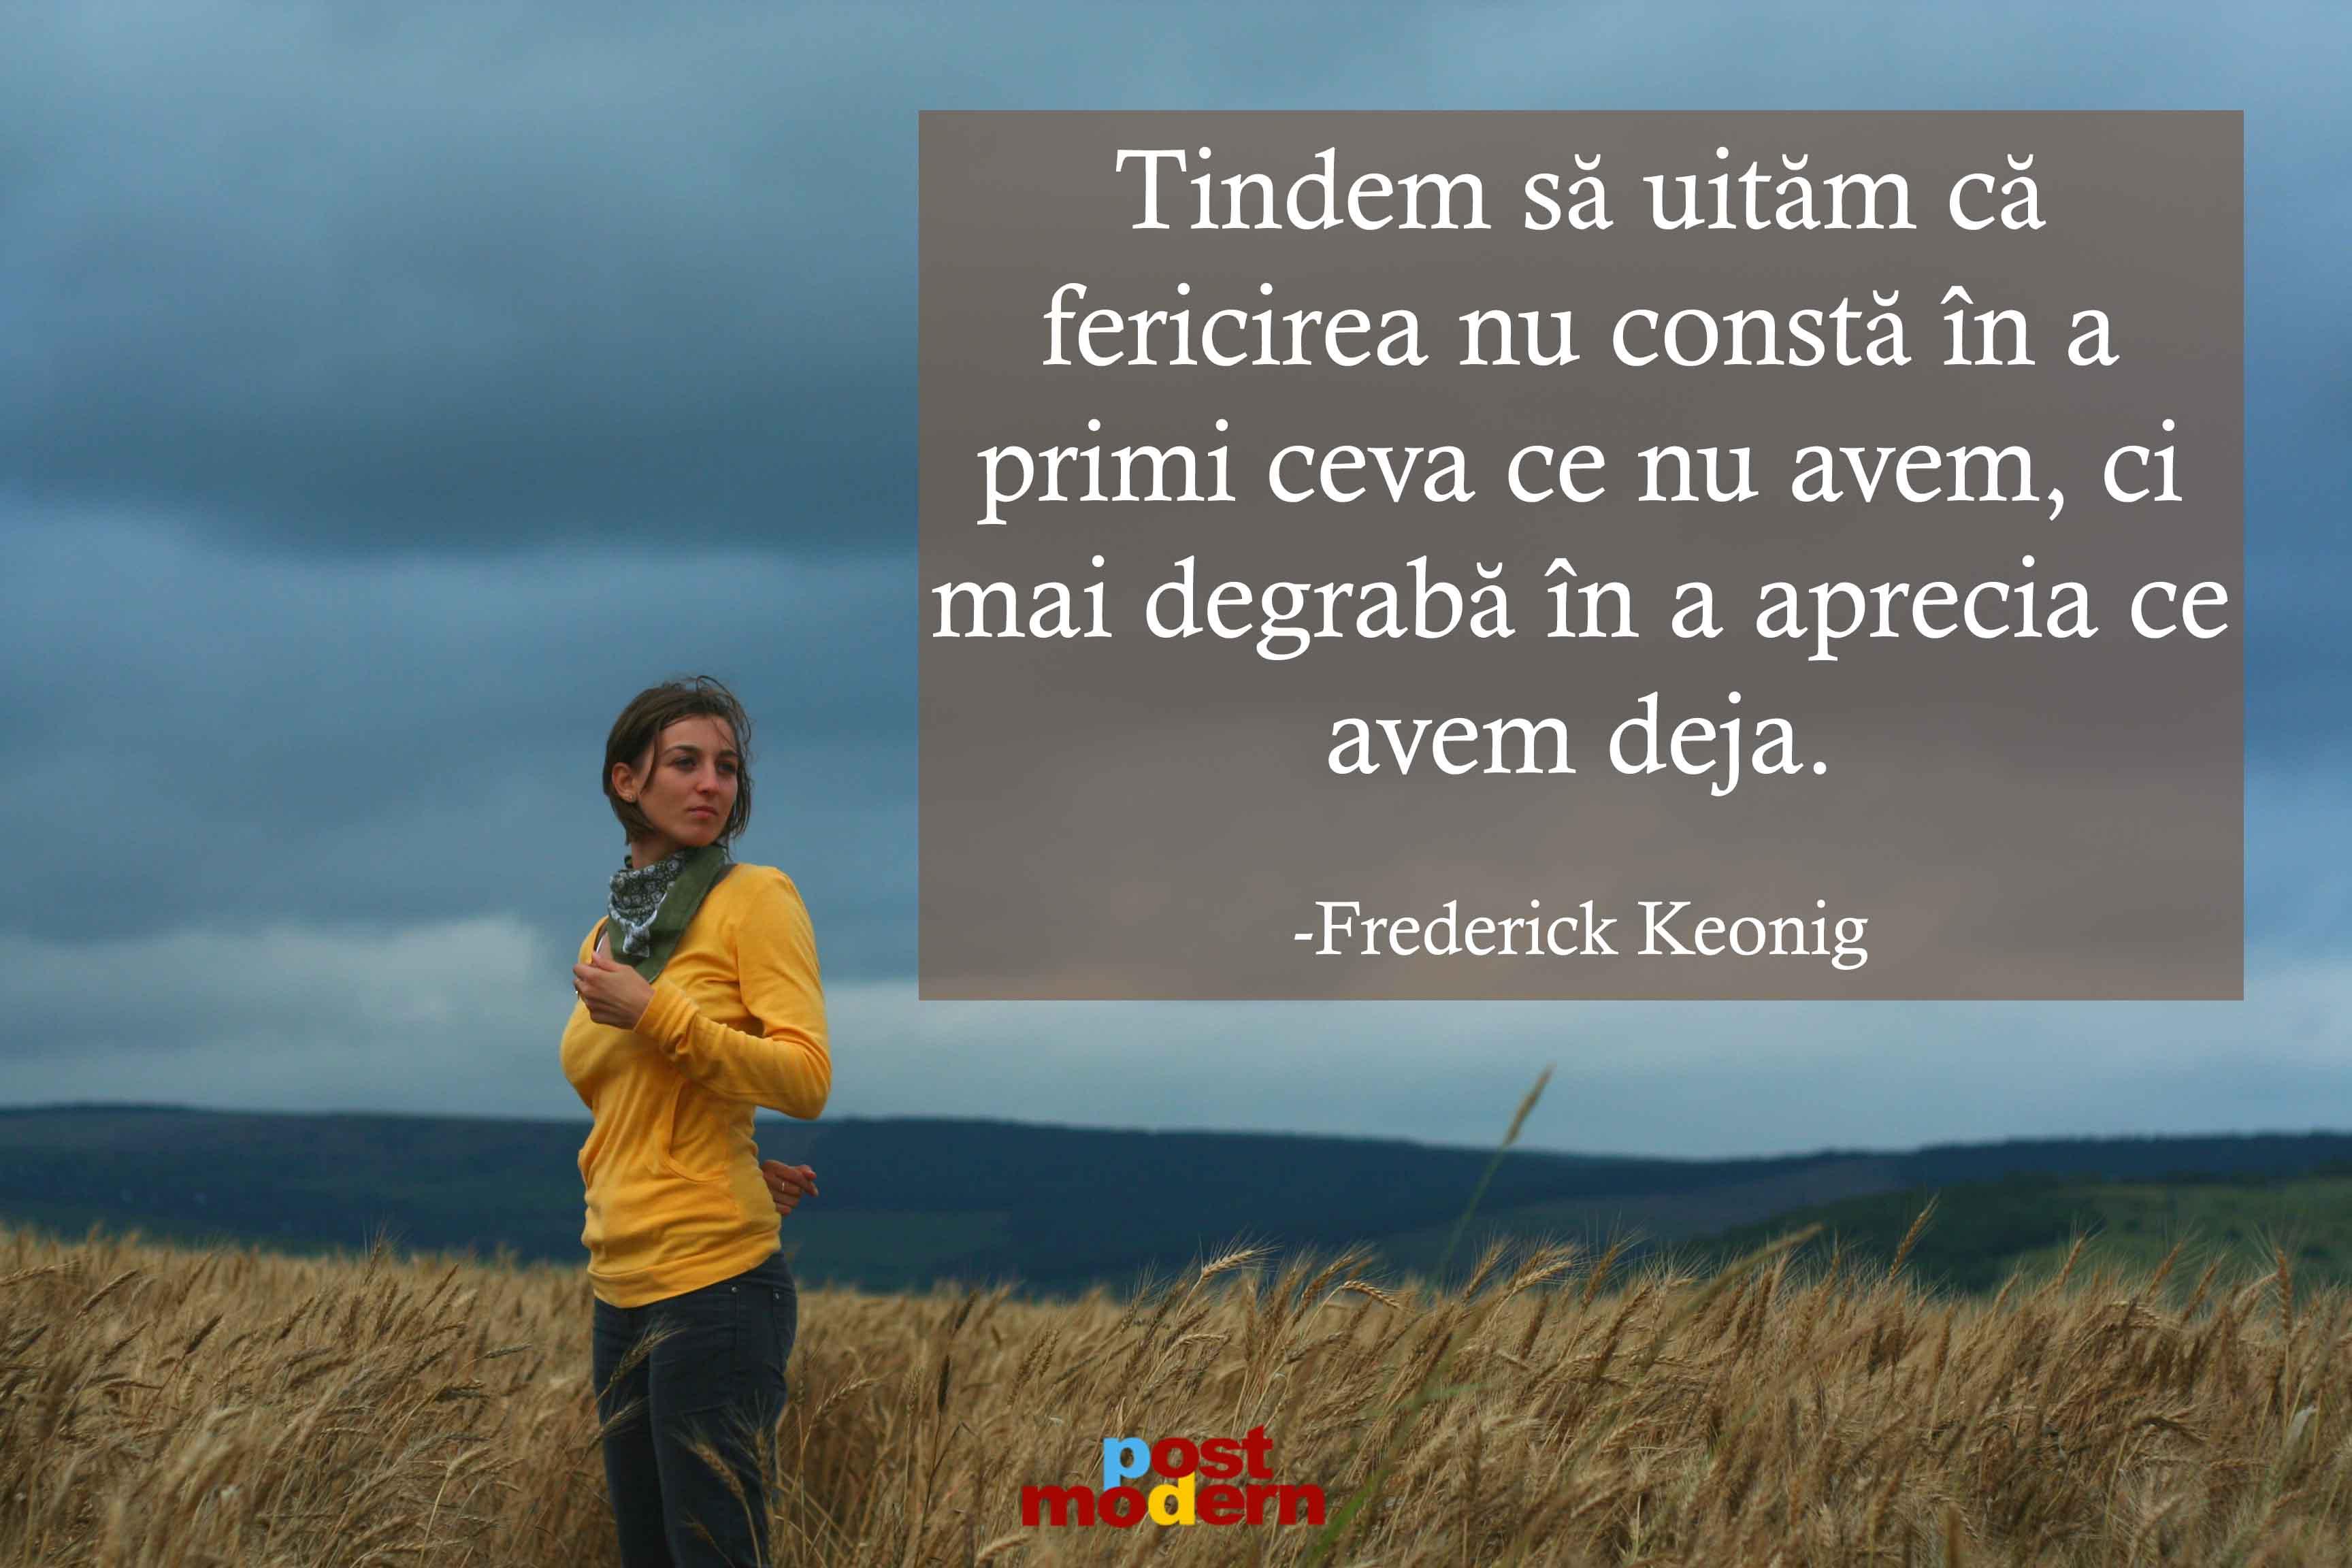 citate frederick keonig despre fericire